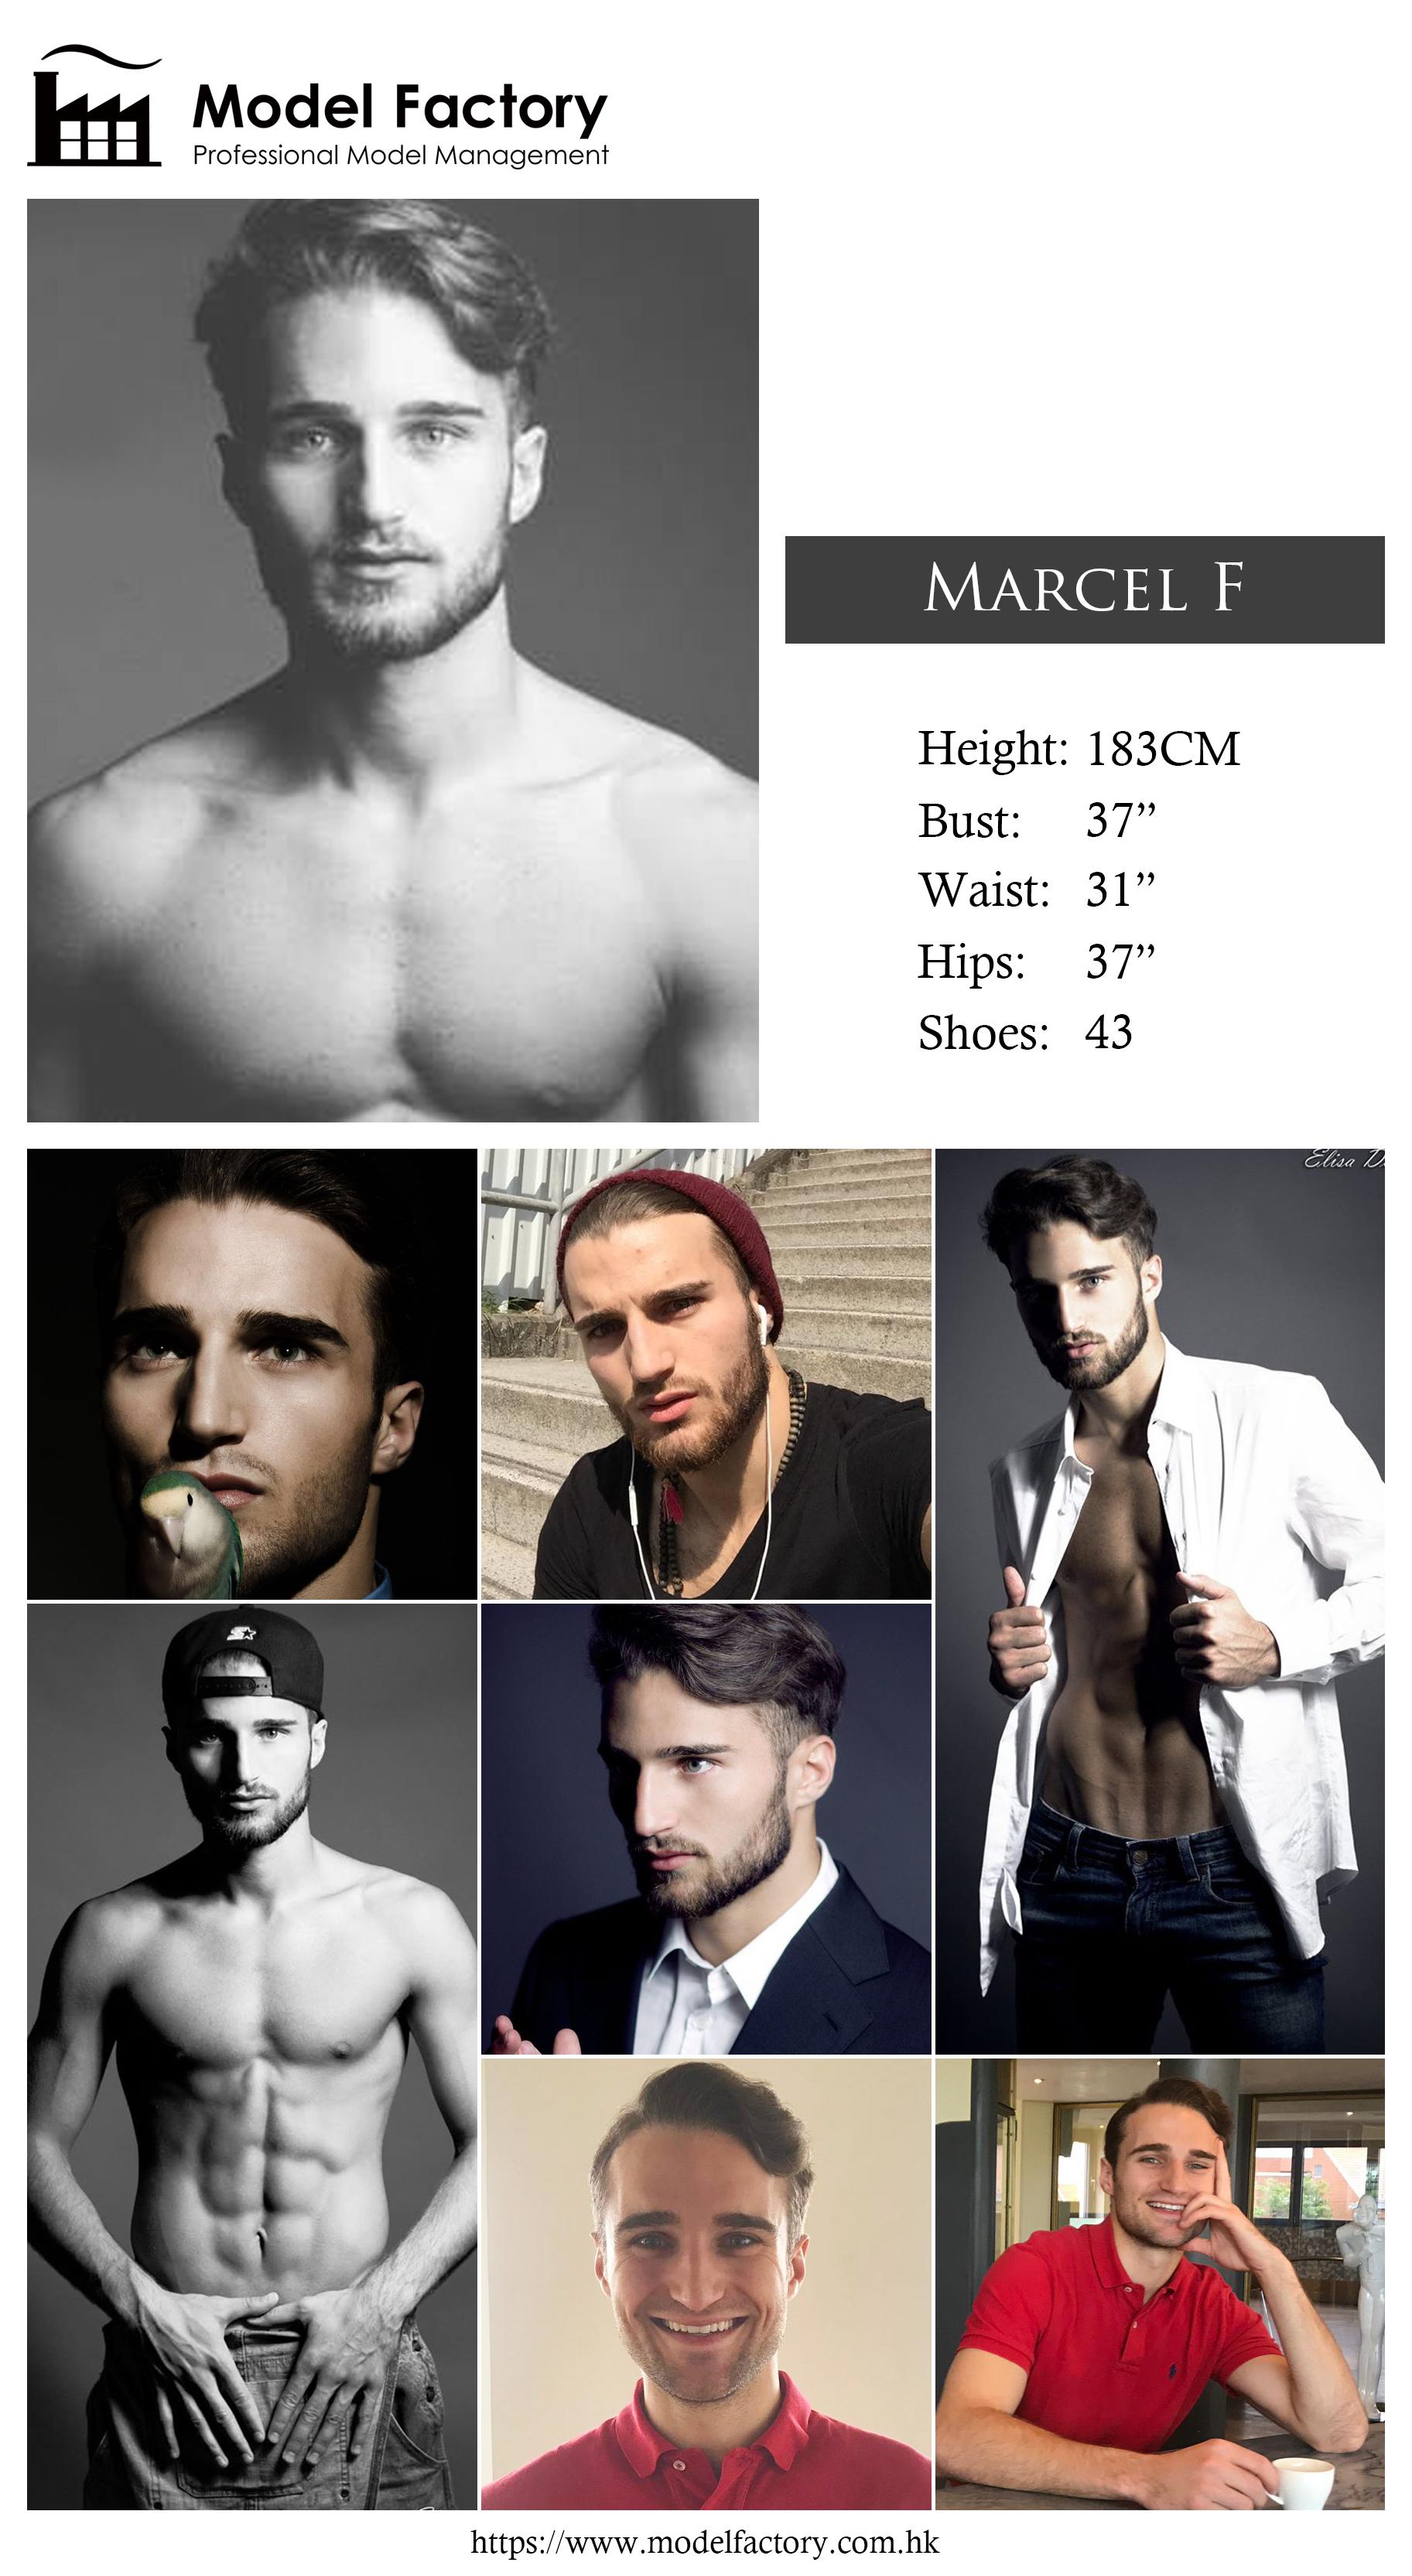 Model Factory Caucasian Male Model MarcelF